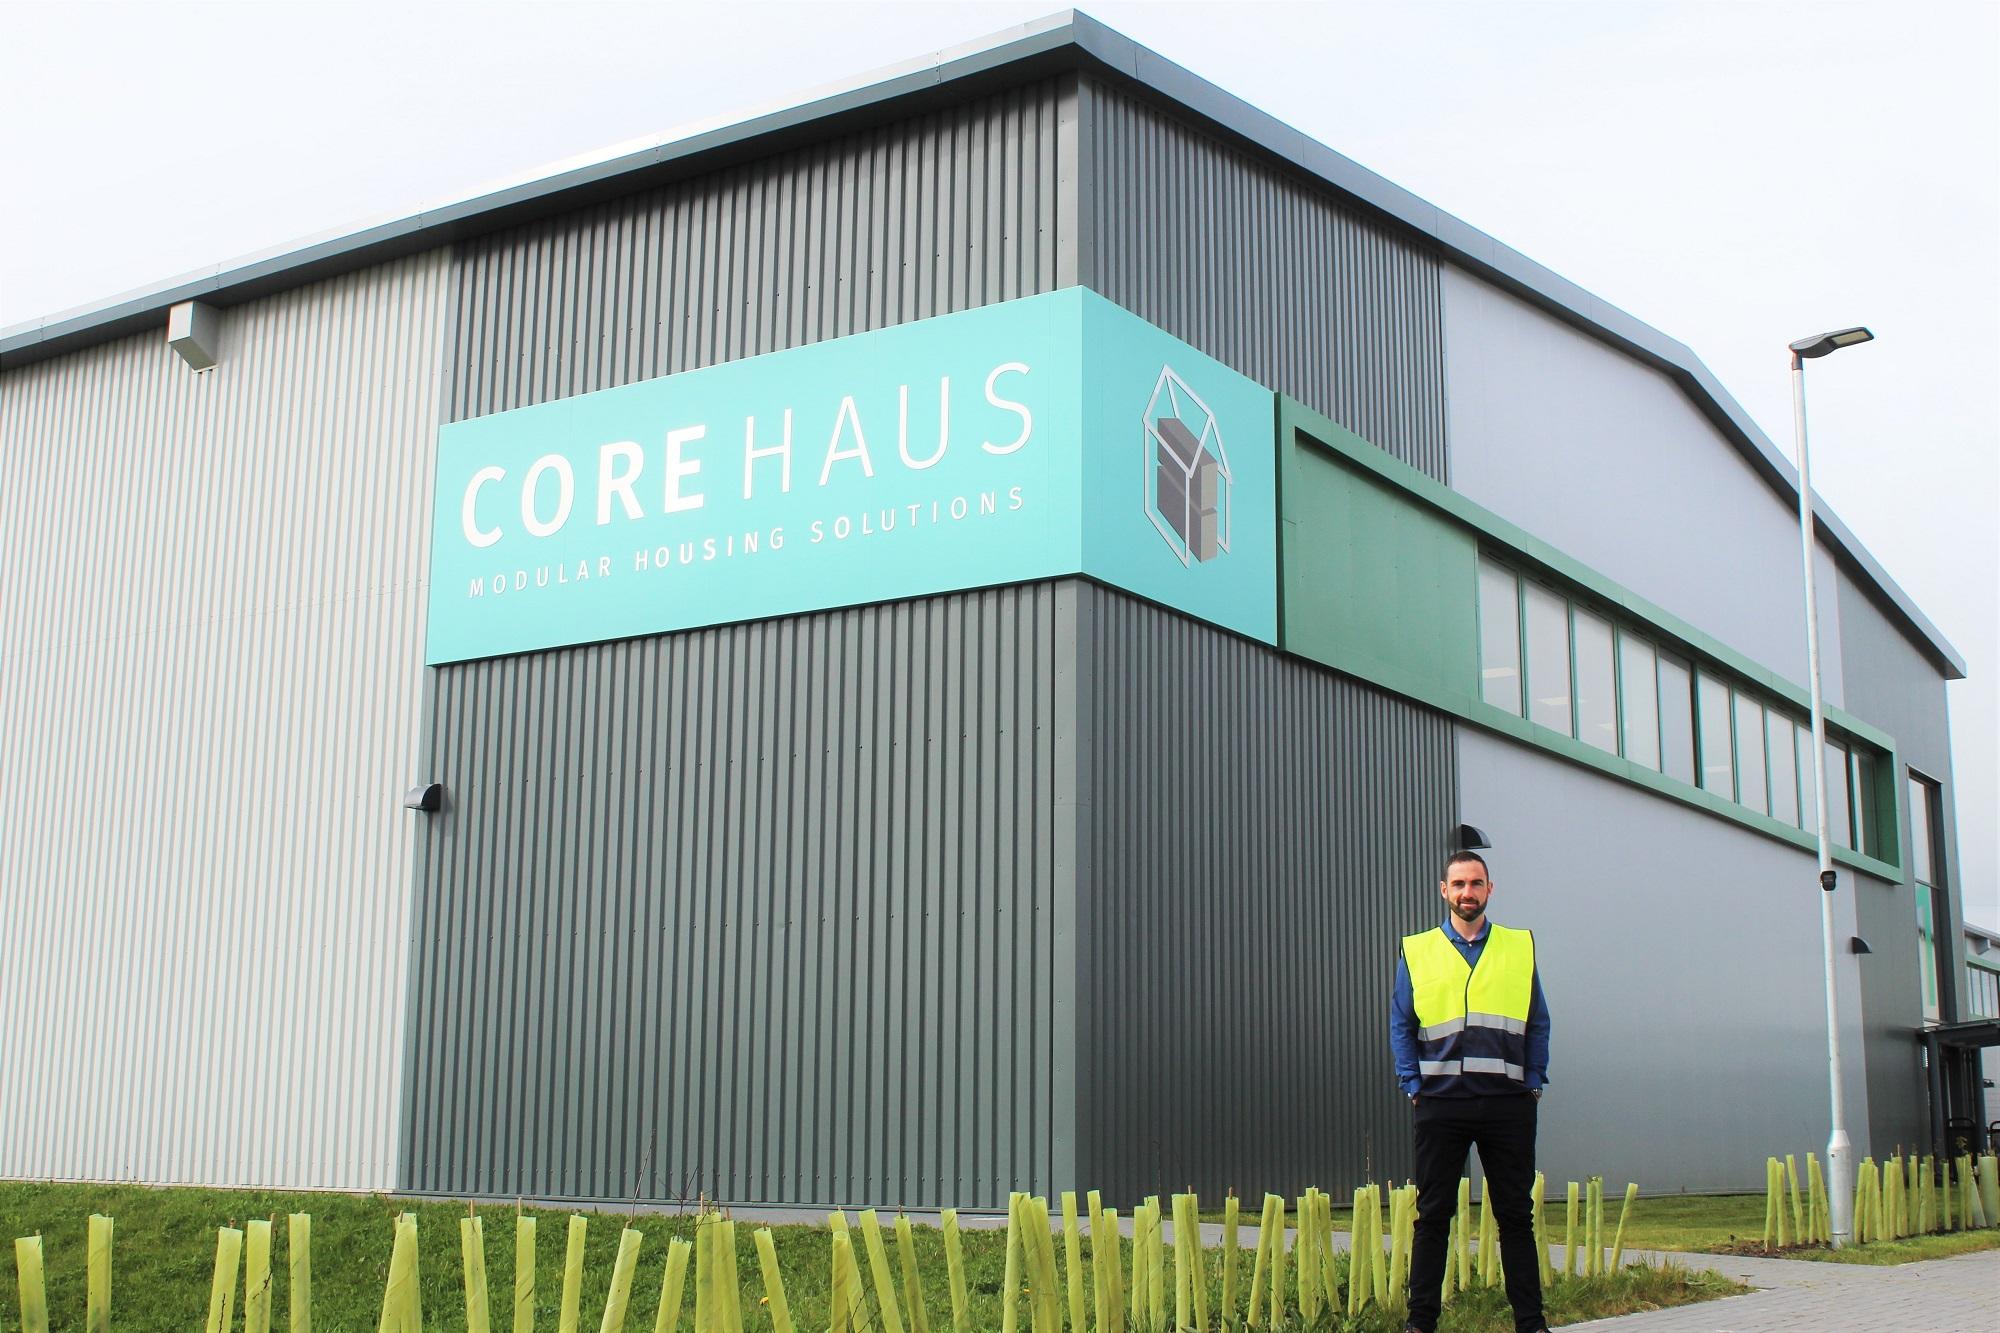 CoreHaus Managing Director Scott Bibby